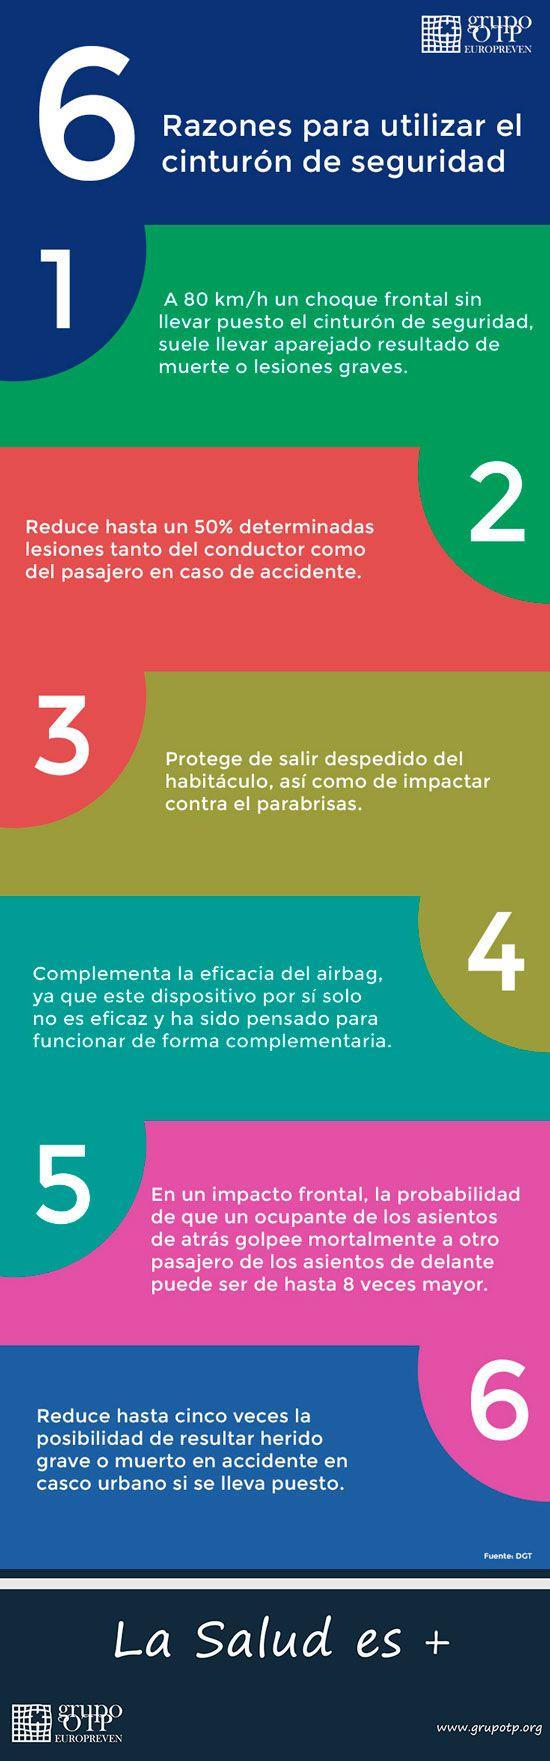 6-razones-para-utilizar-el-cinturón-de-seguridad